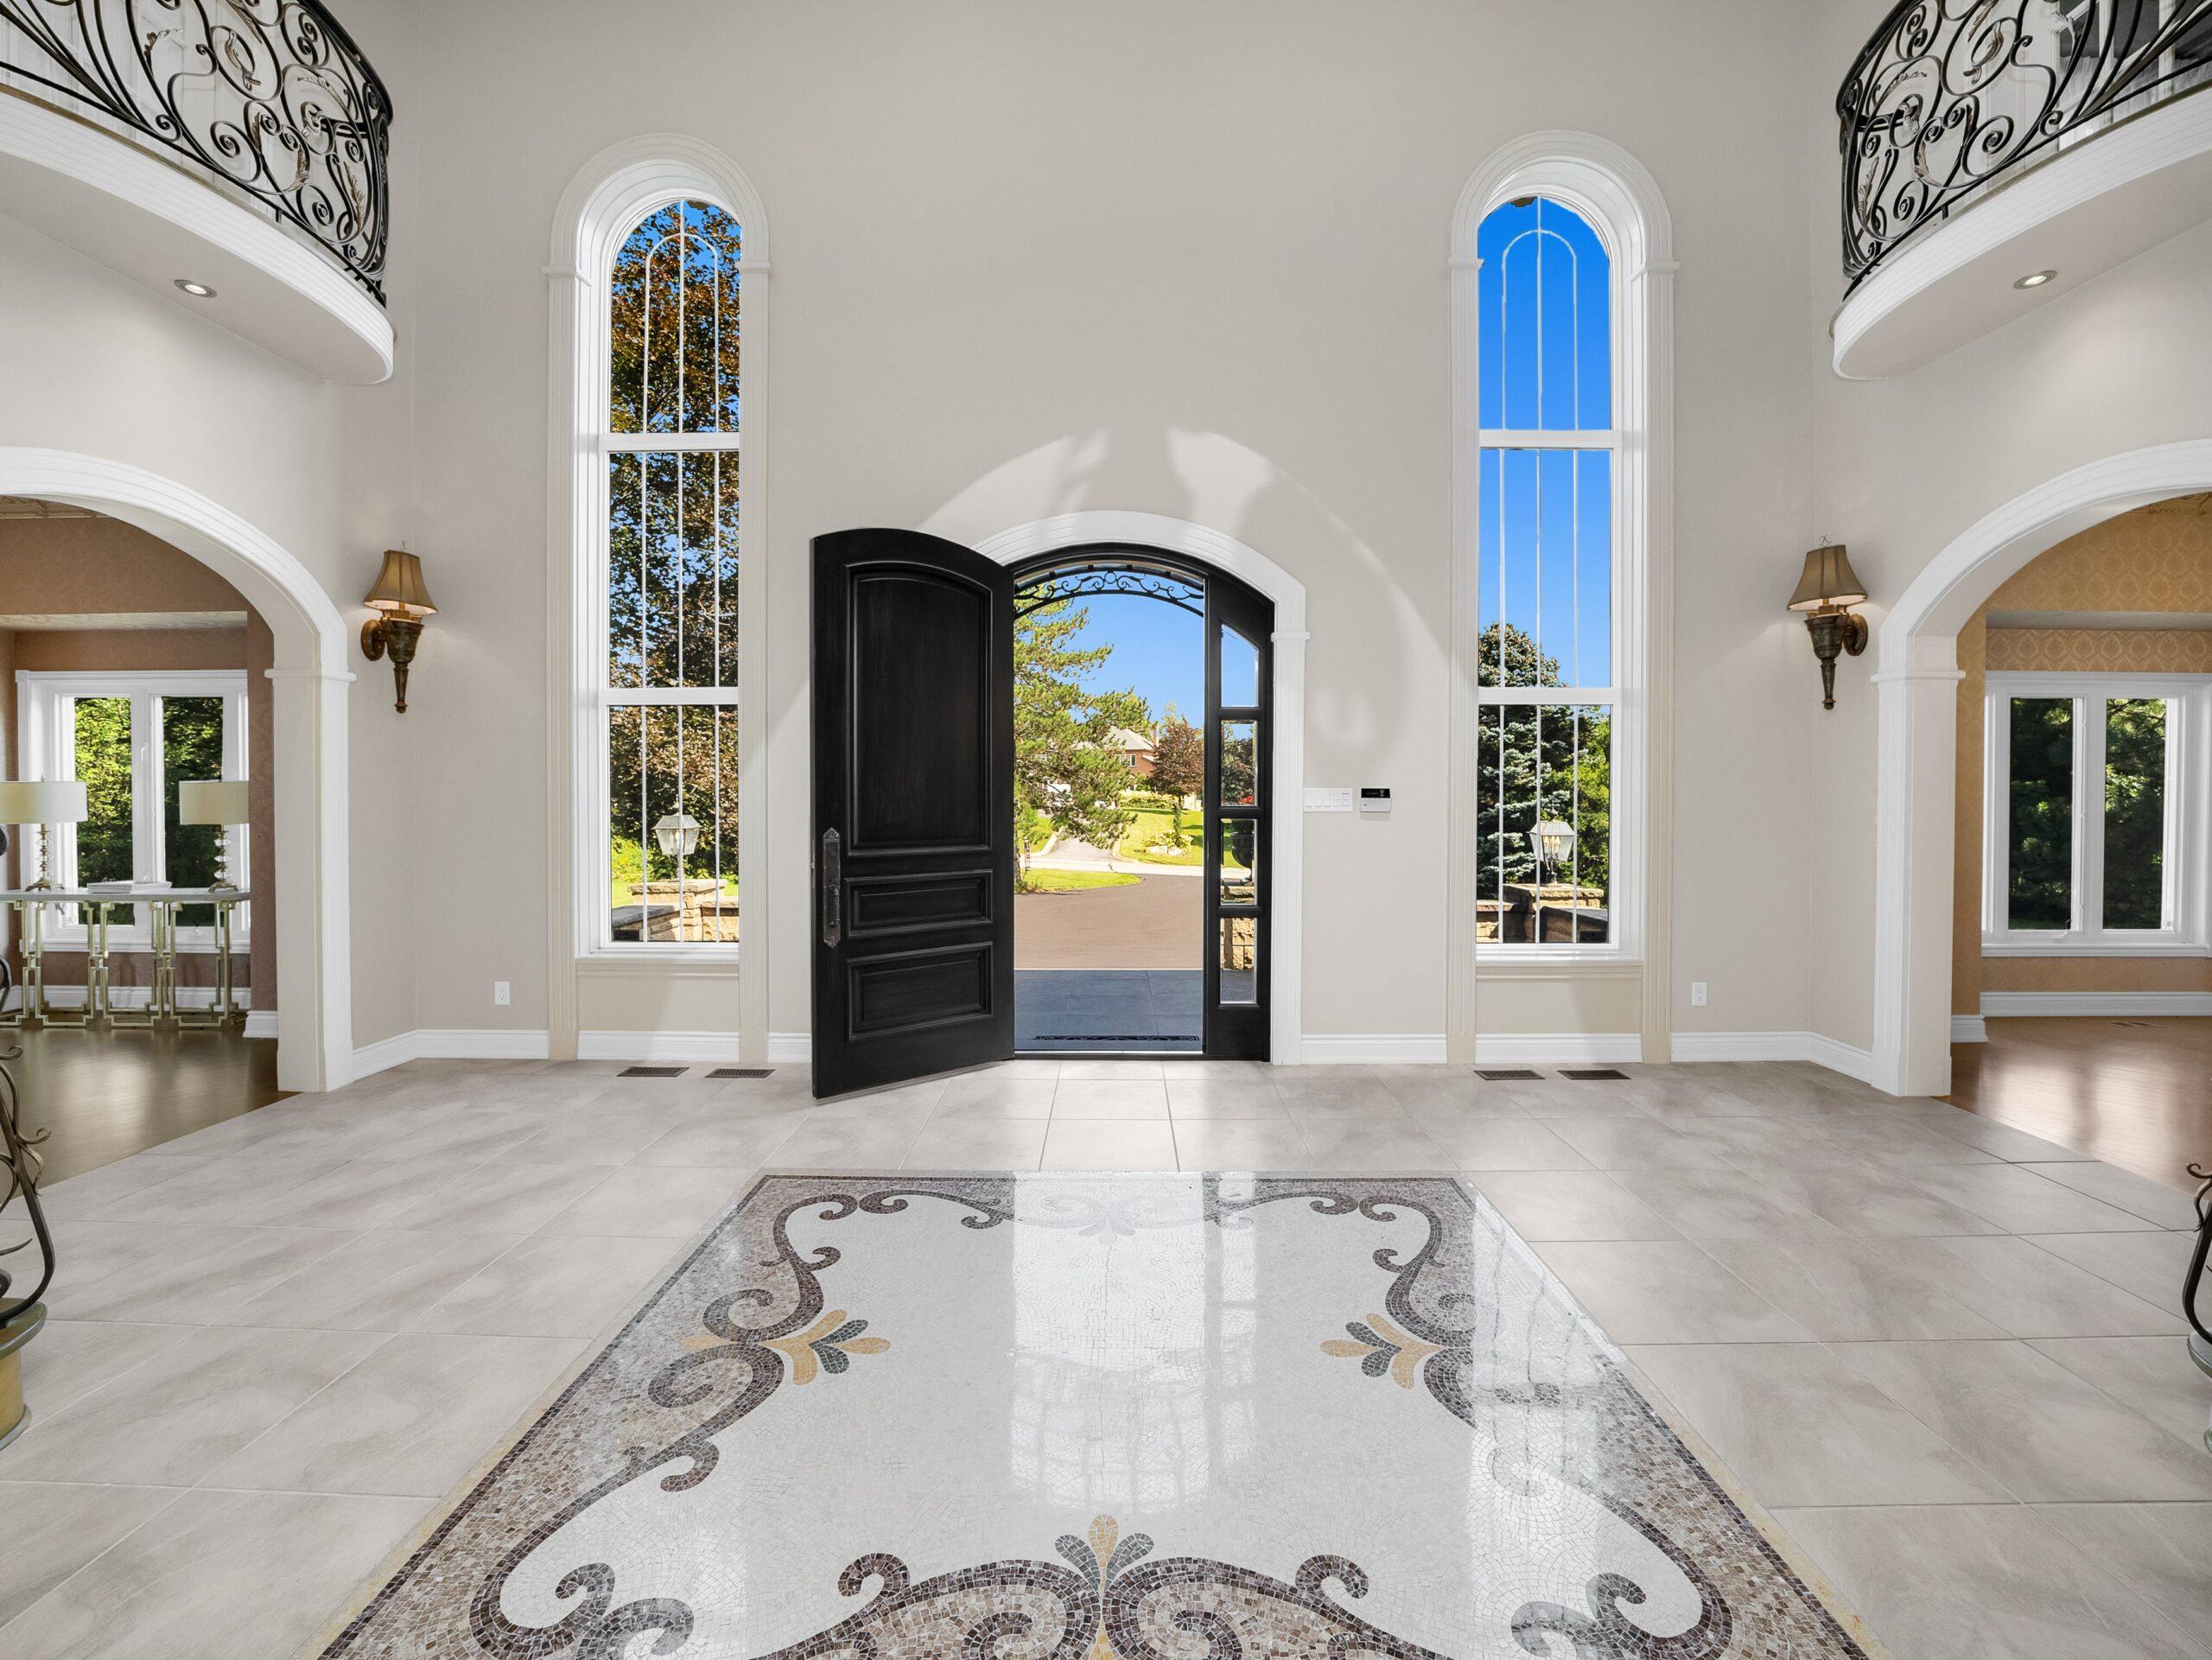 004-Foyer-4200x3152-min